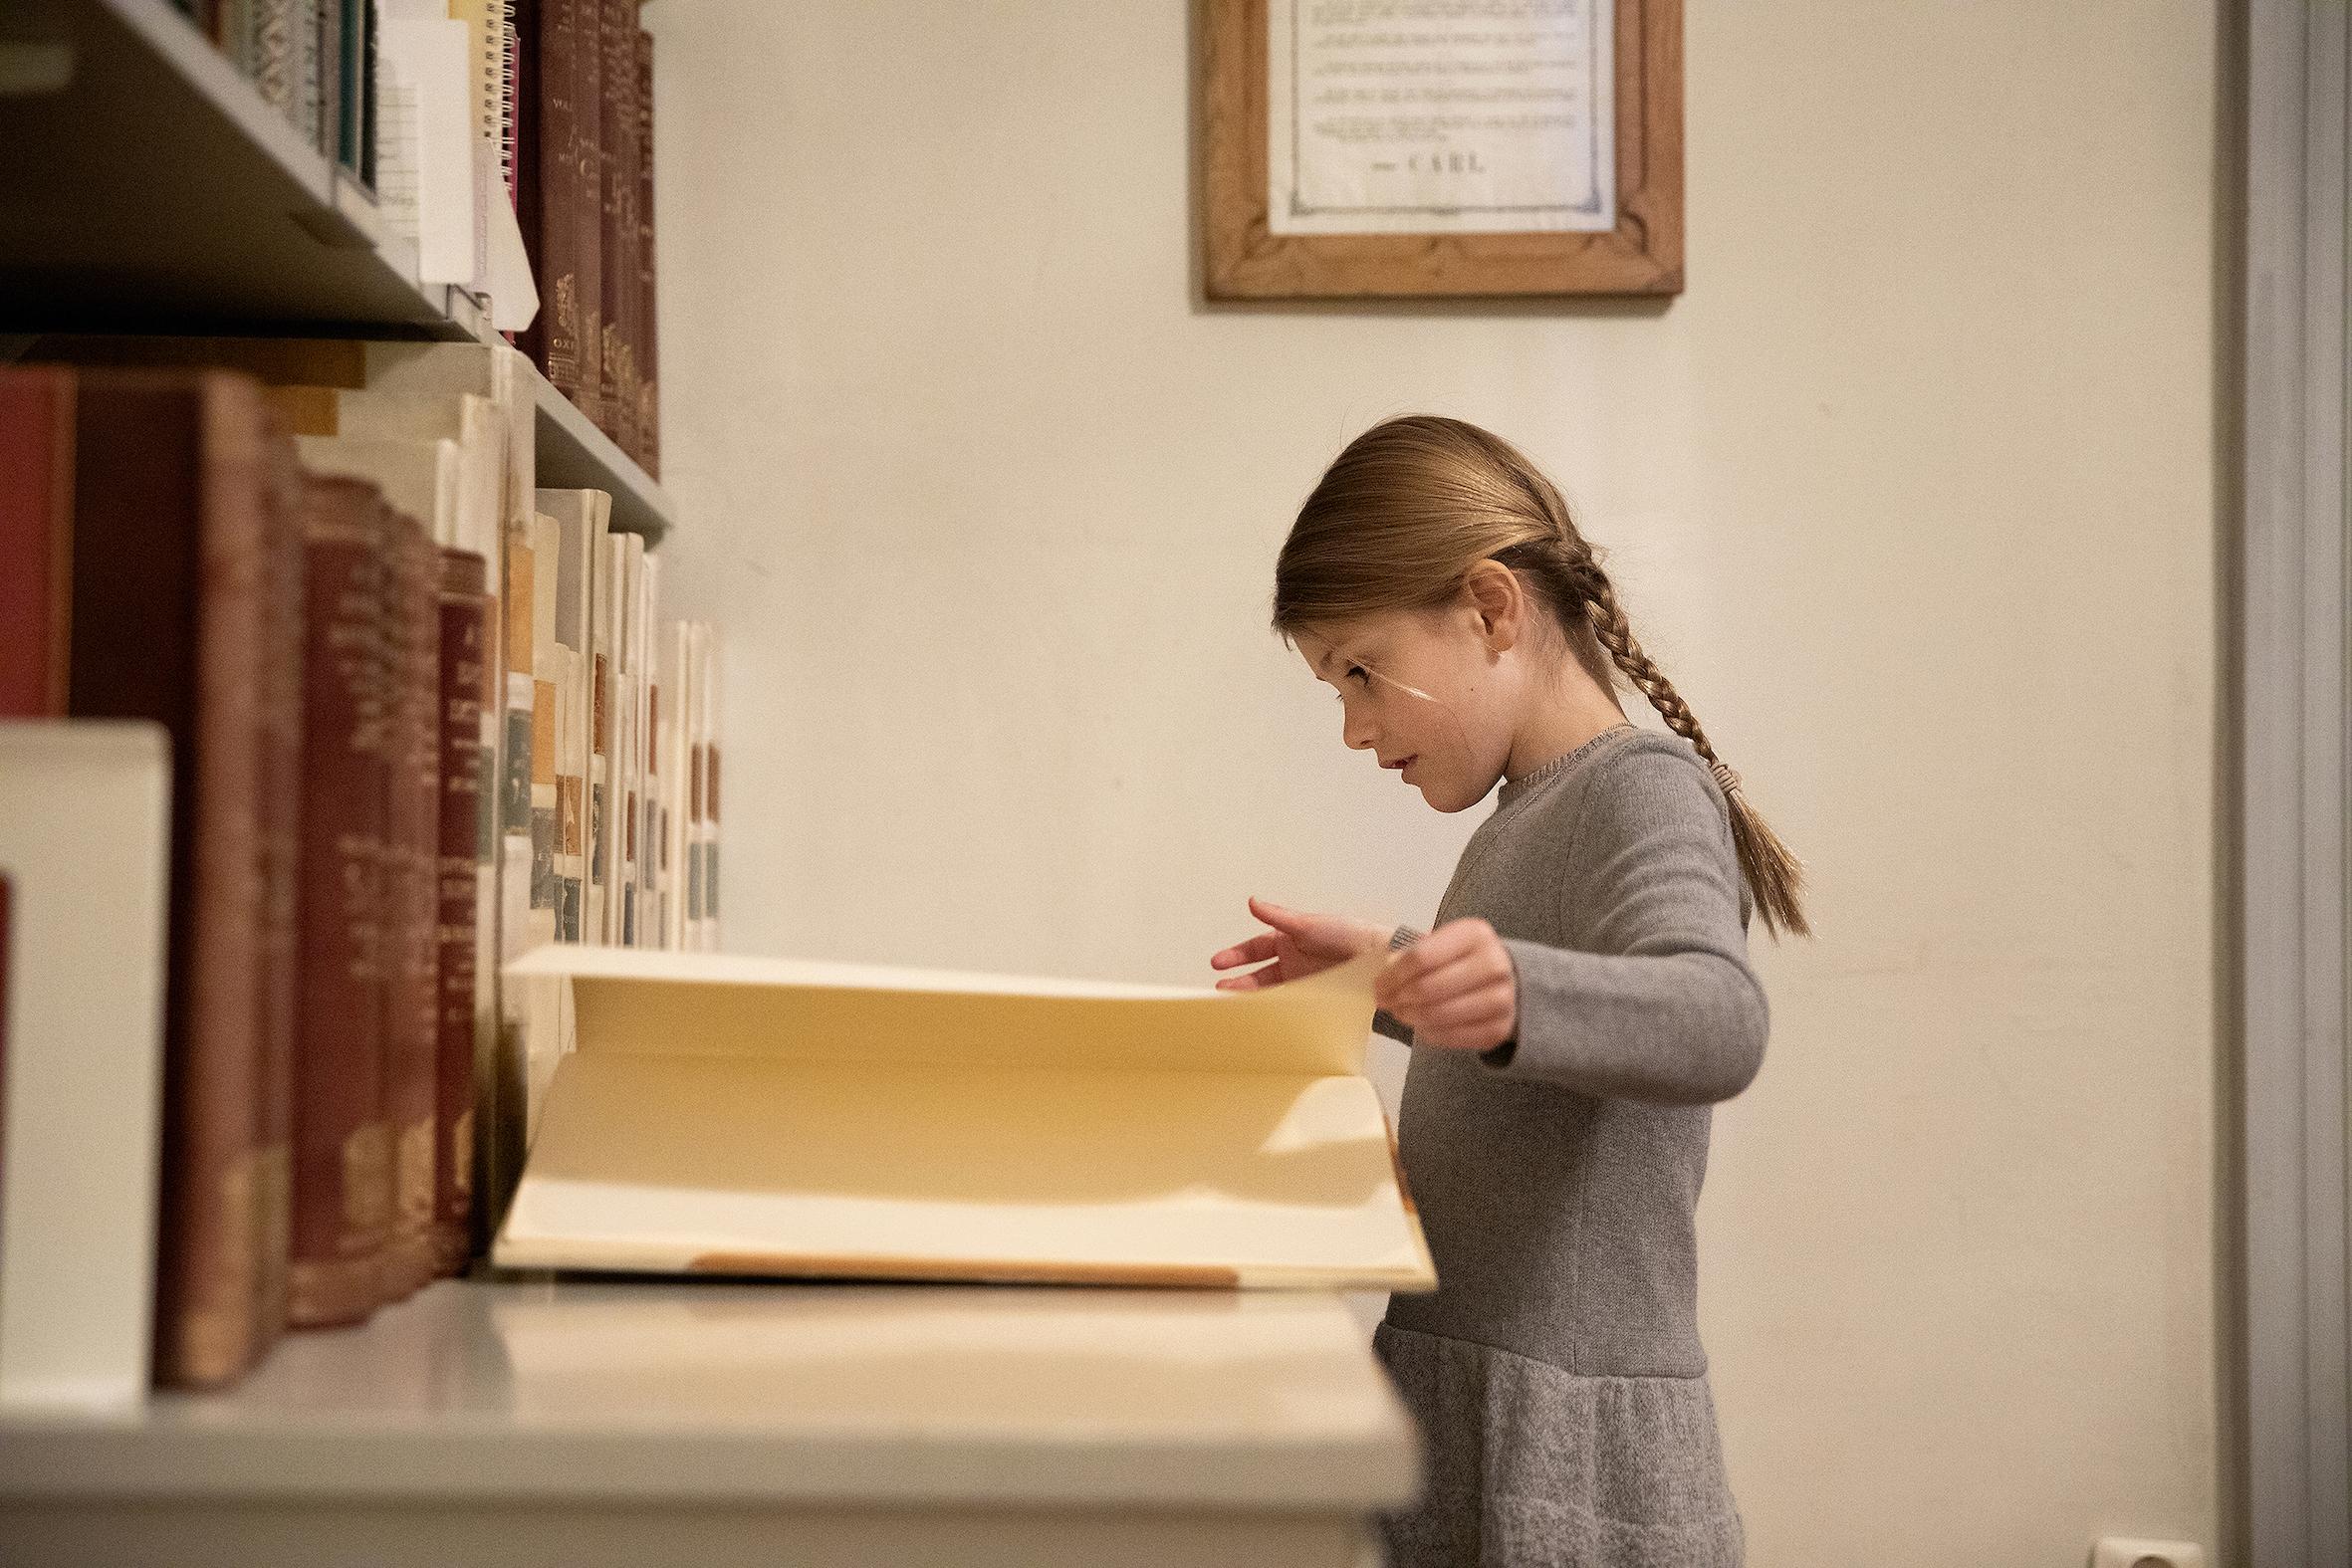 Die kleine Prinzessin stöbert in einem alten Buch über die Familiengeschichte.  ©Sara Friberg, Kungl. Royal Court